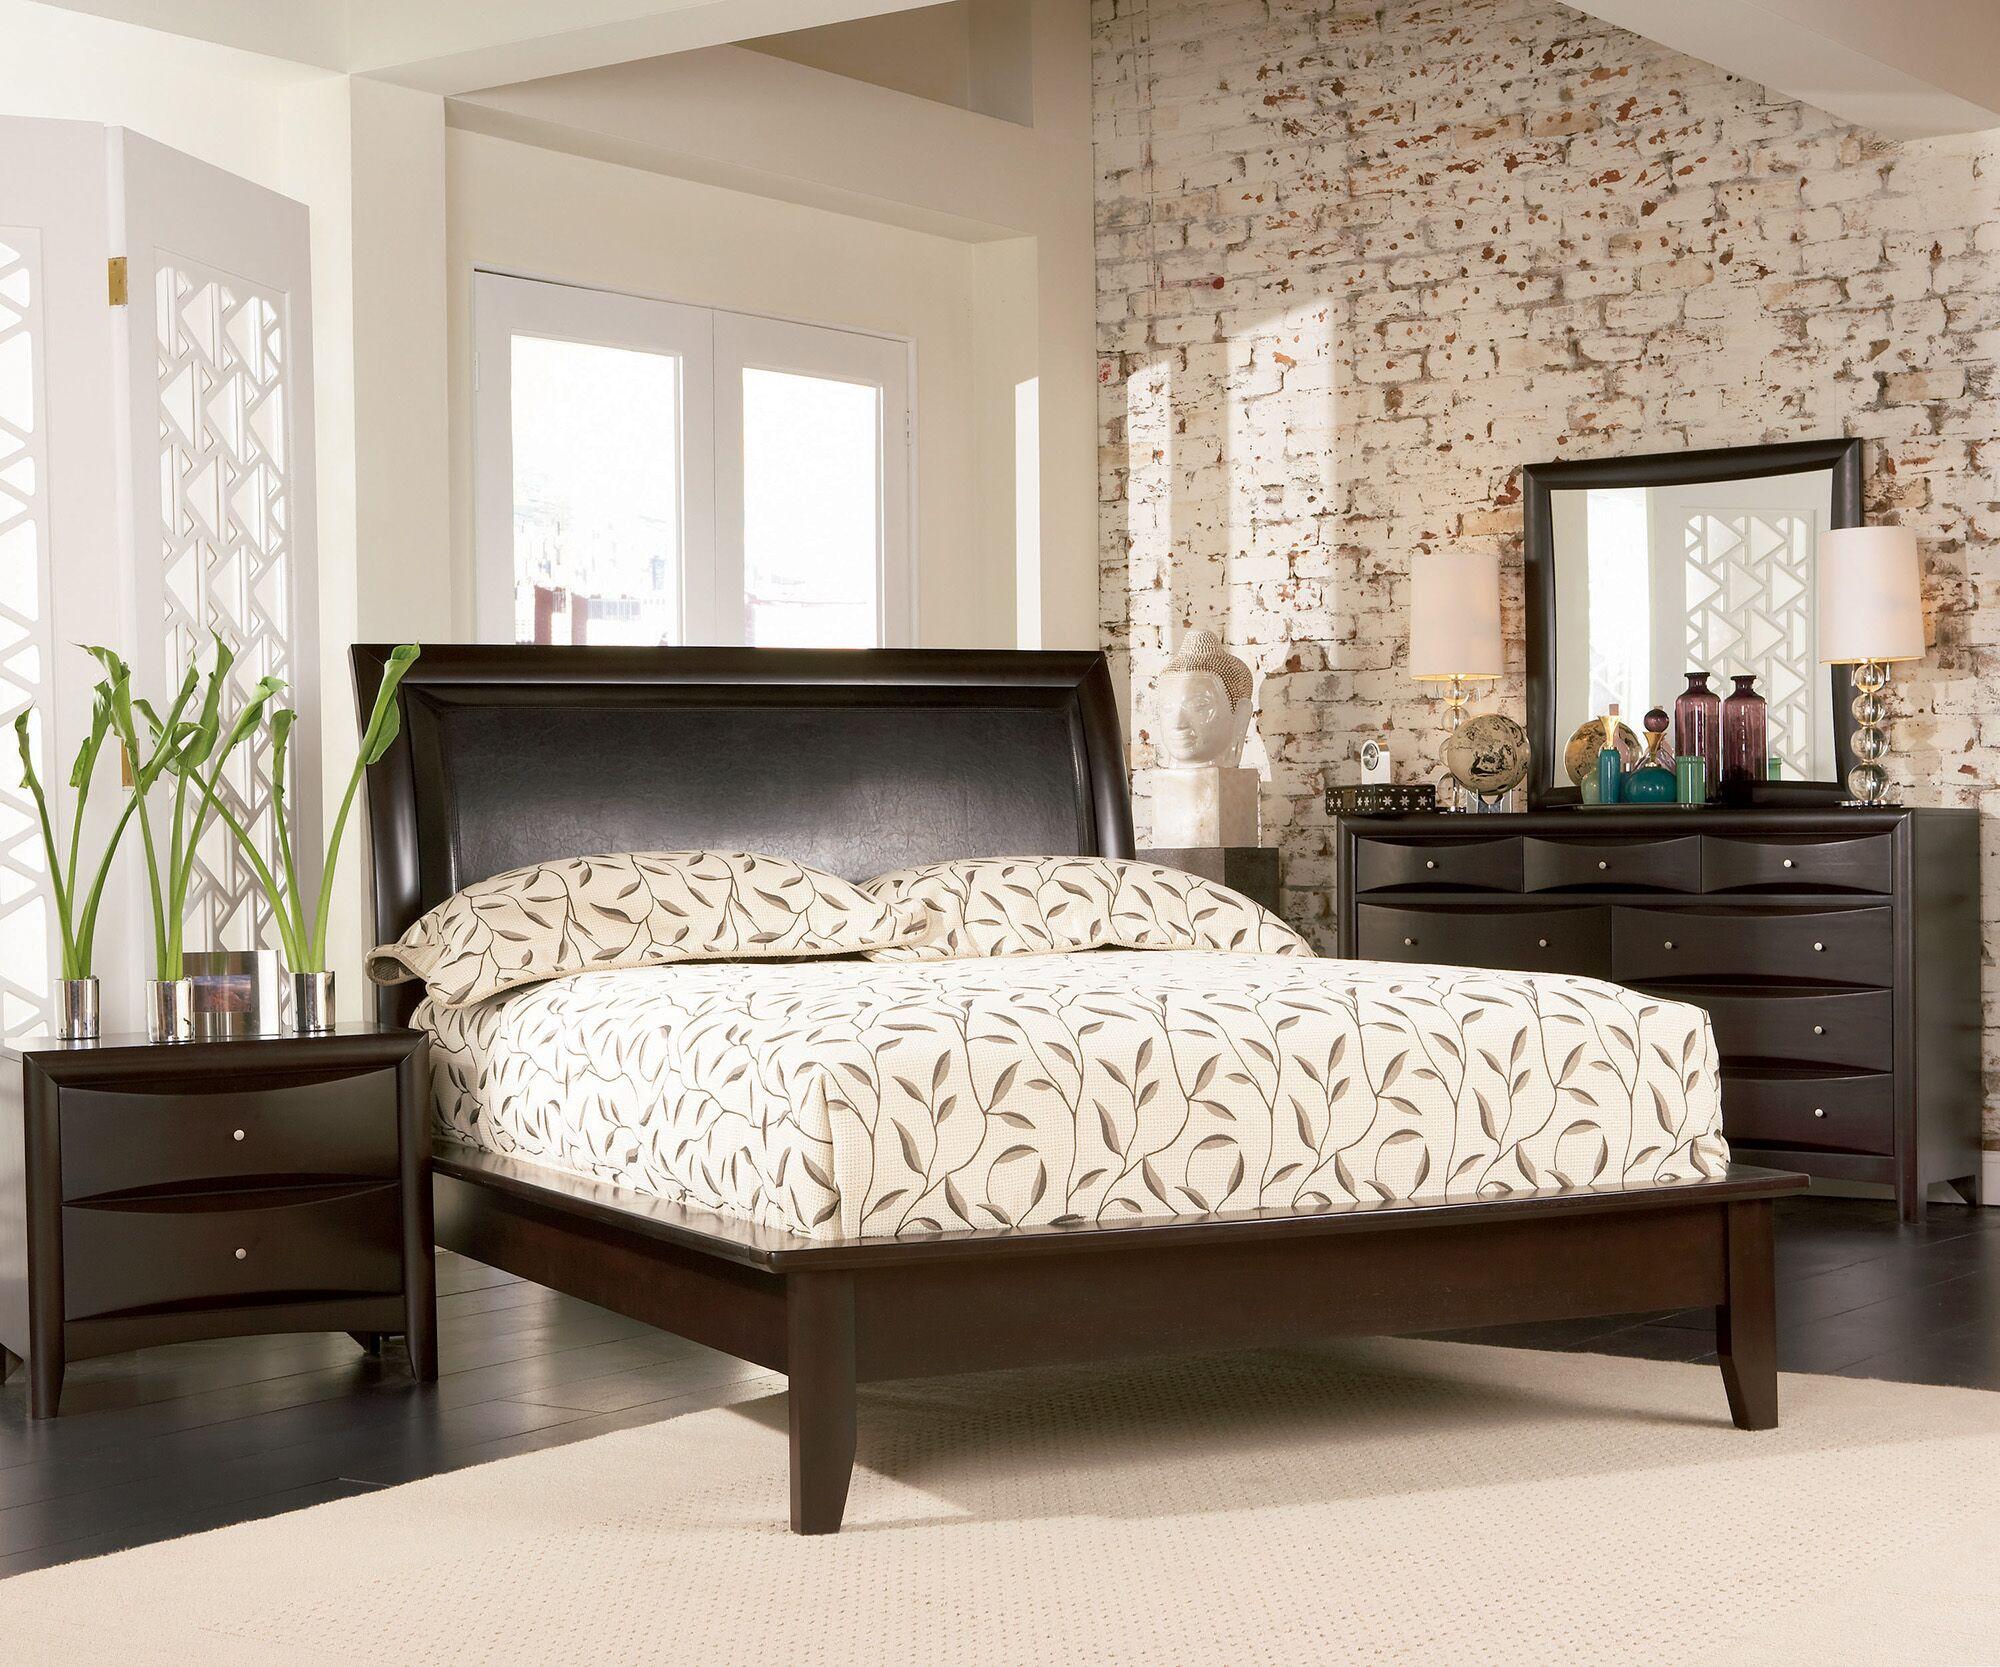 Croxton Upholstered Storage Platform Bed Size: Eastern King